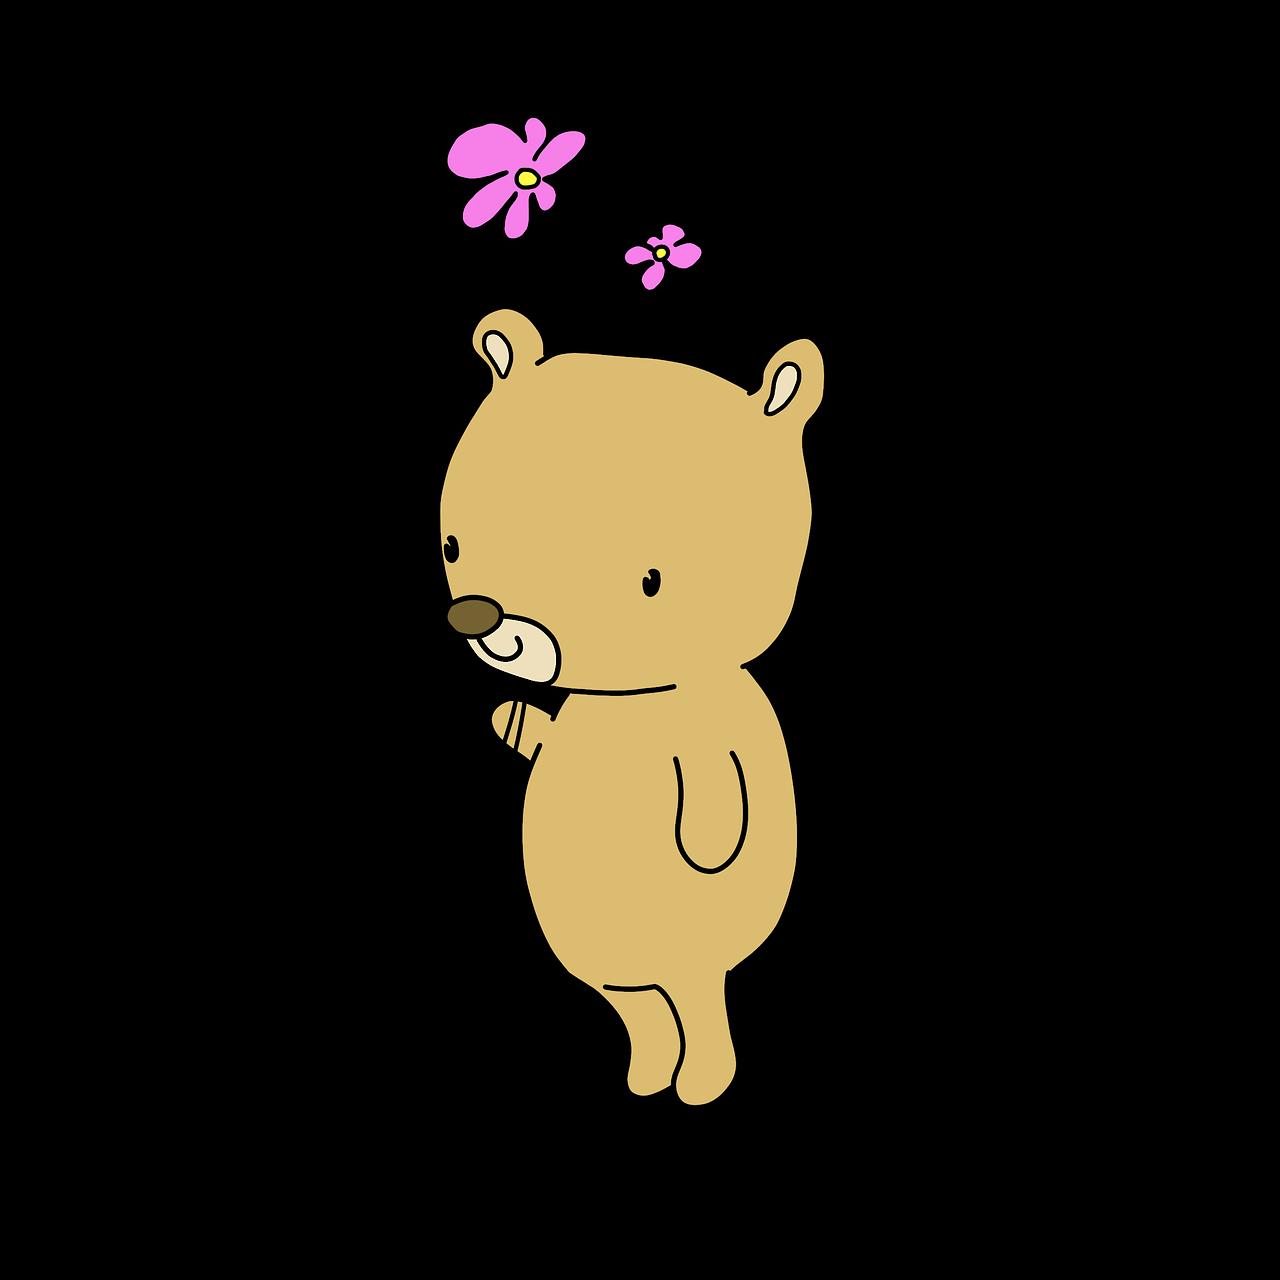 Beruang Lucu Teddy Gambar Gratis Di Pixabay